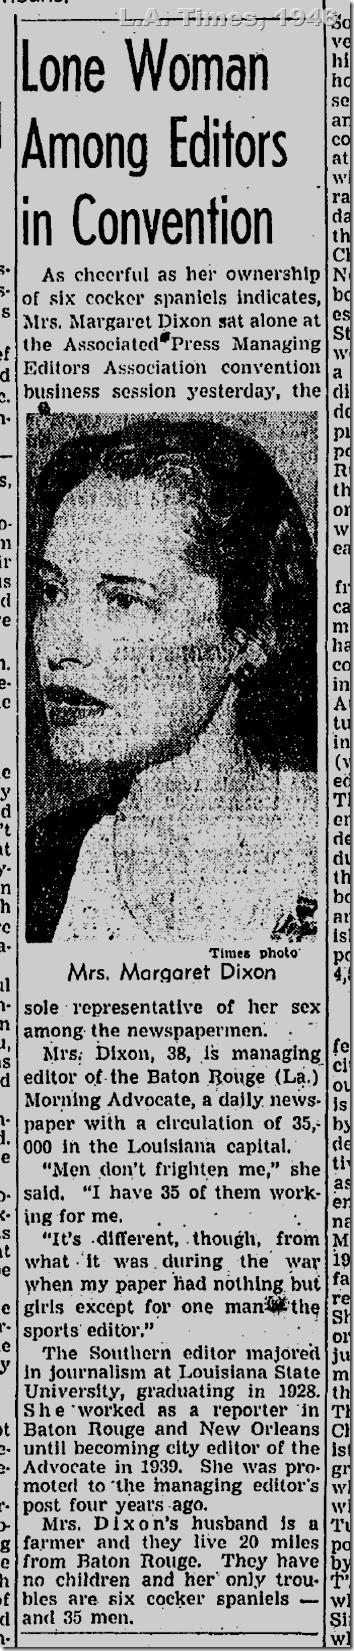 Nov. 29, 1946, L.A. Times